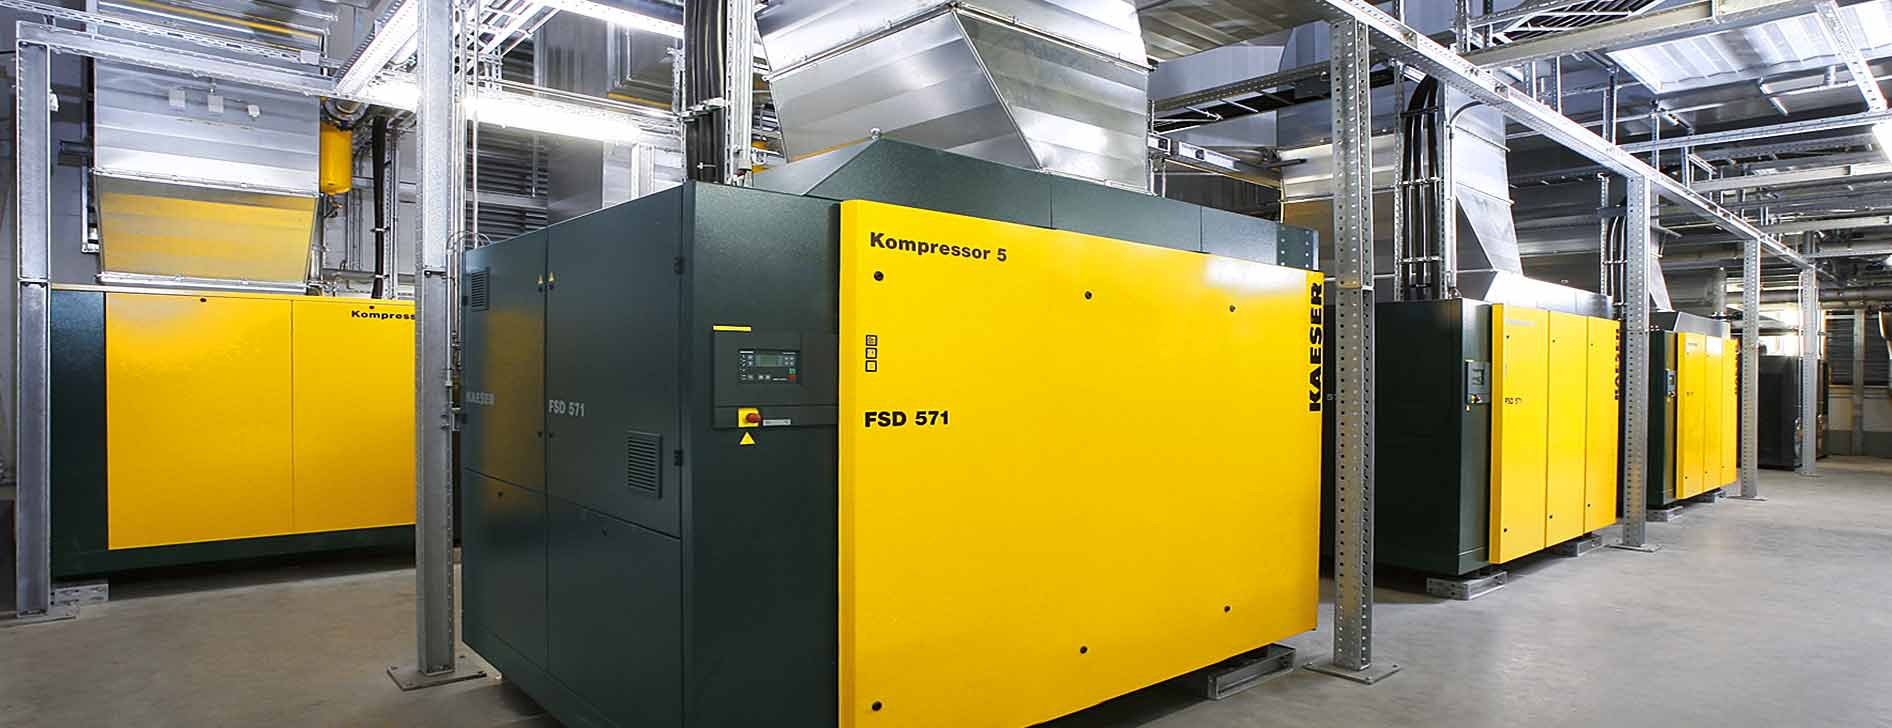 Gut gemocht DF Kompressor Service: Kompressor Wartung durch unsere Profis! MF44